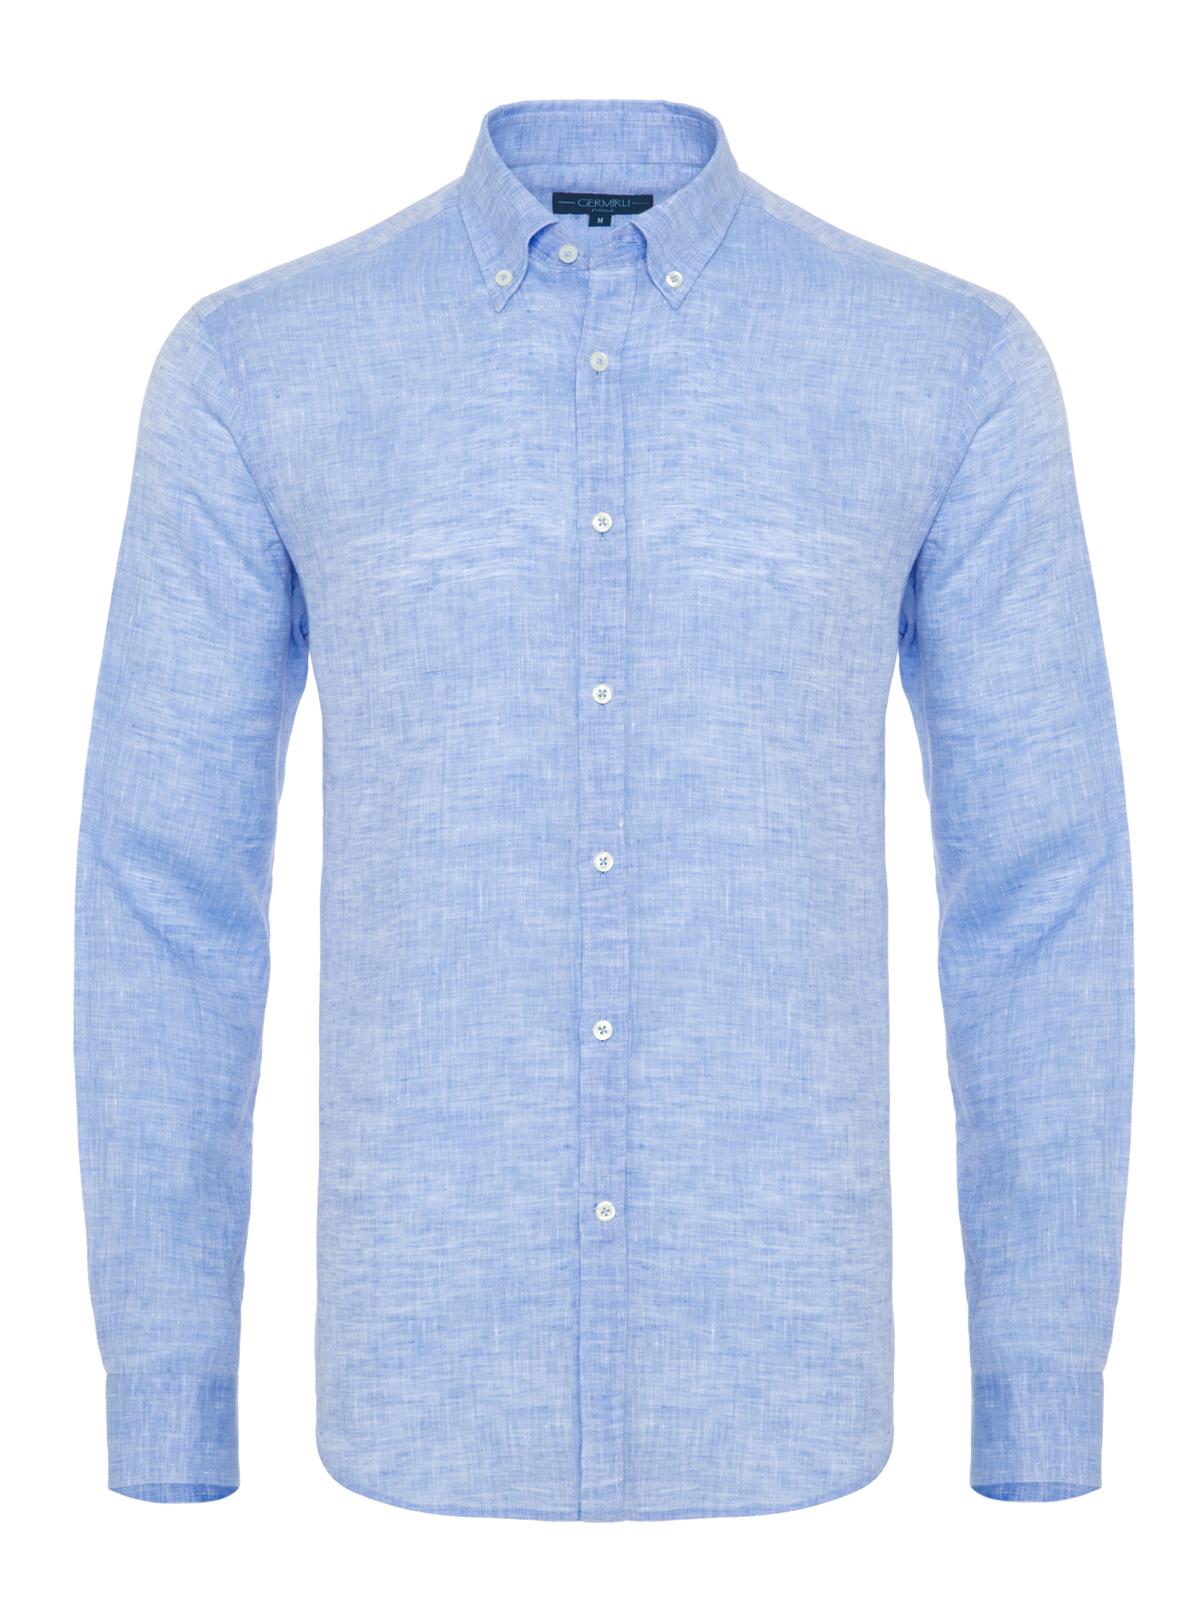 Germirli A.Mavi Keten Düğmeli Yaka Tailor Fit Gömlek